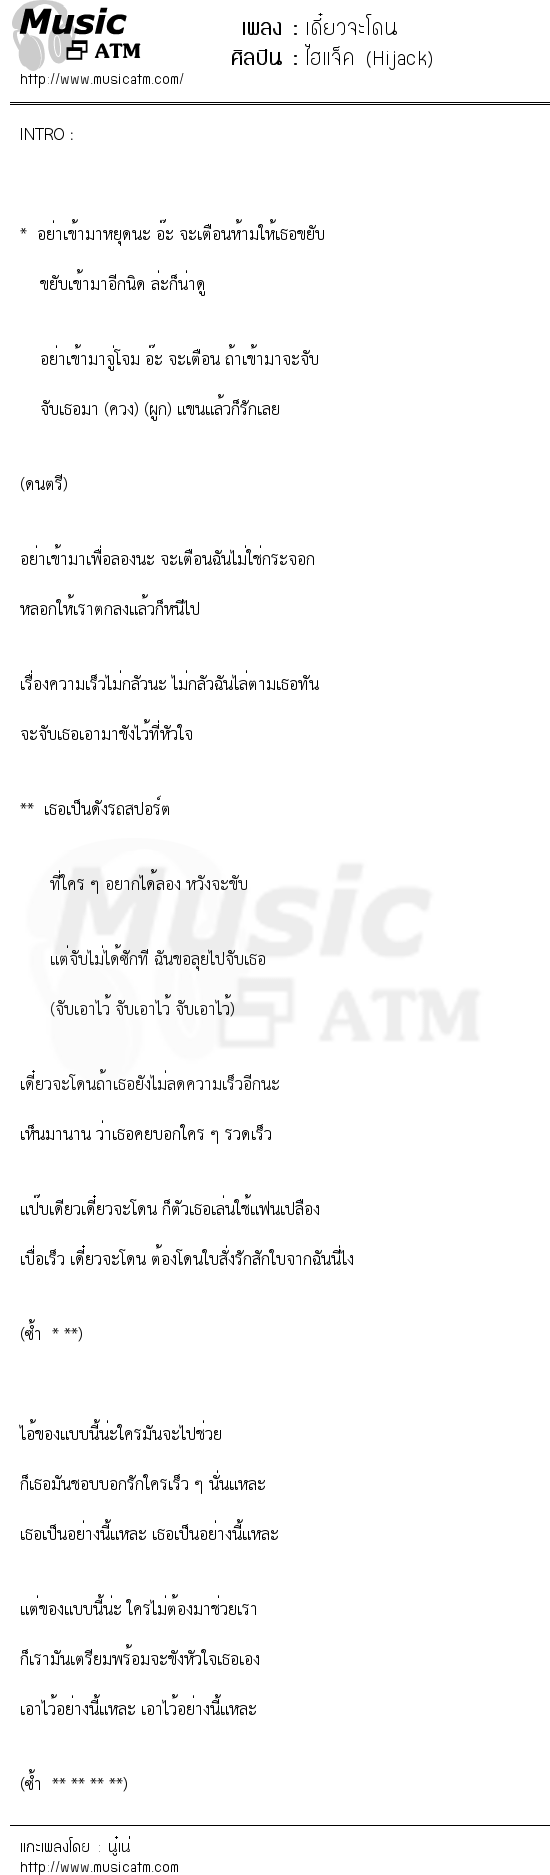 เนื้อเพลง เดี๋ยวจะโดน - ไฮแจ็ค (Hijack)   เพลงไทย